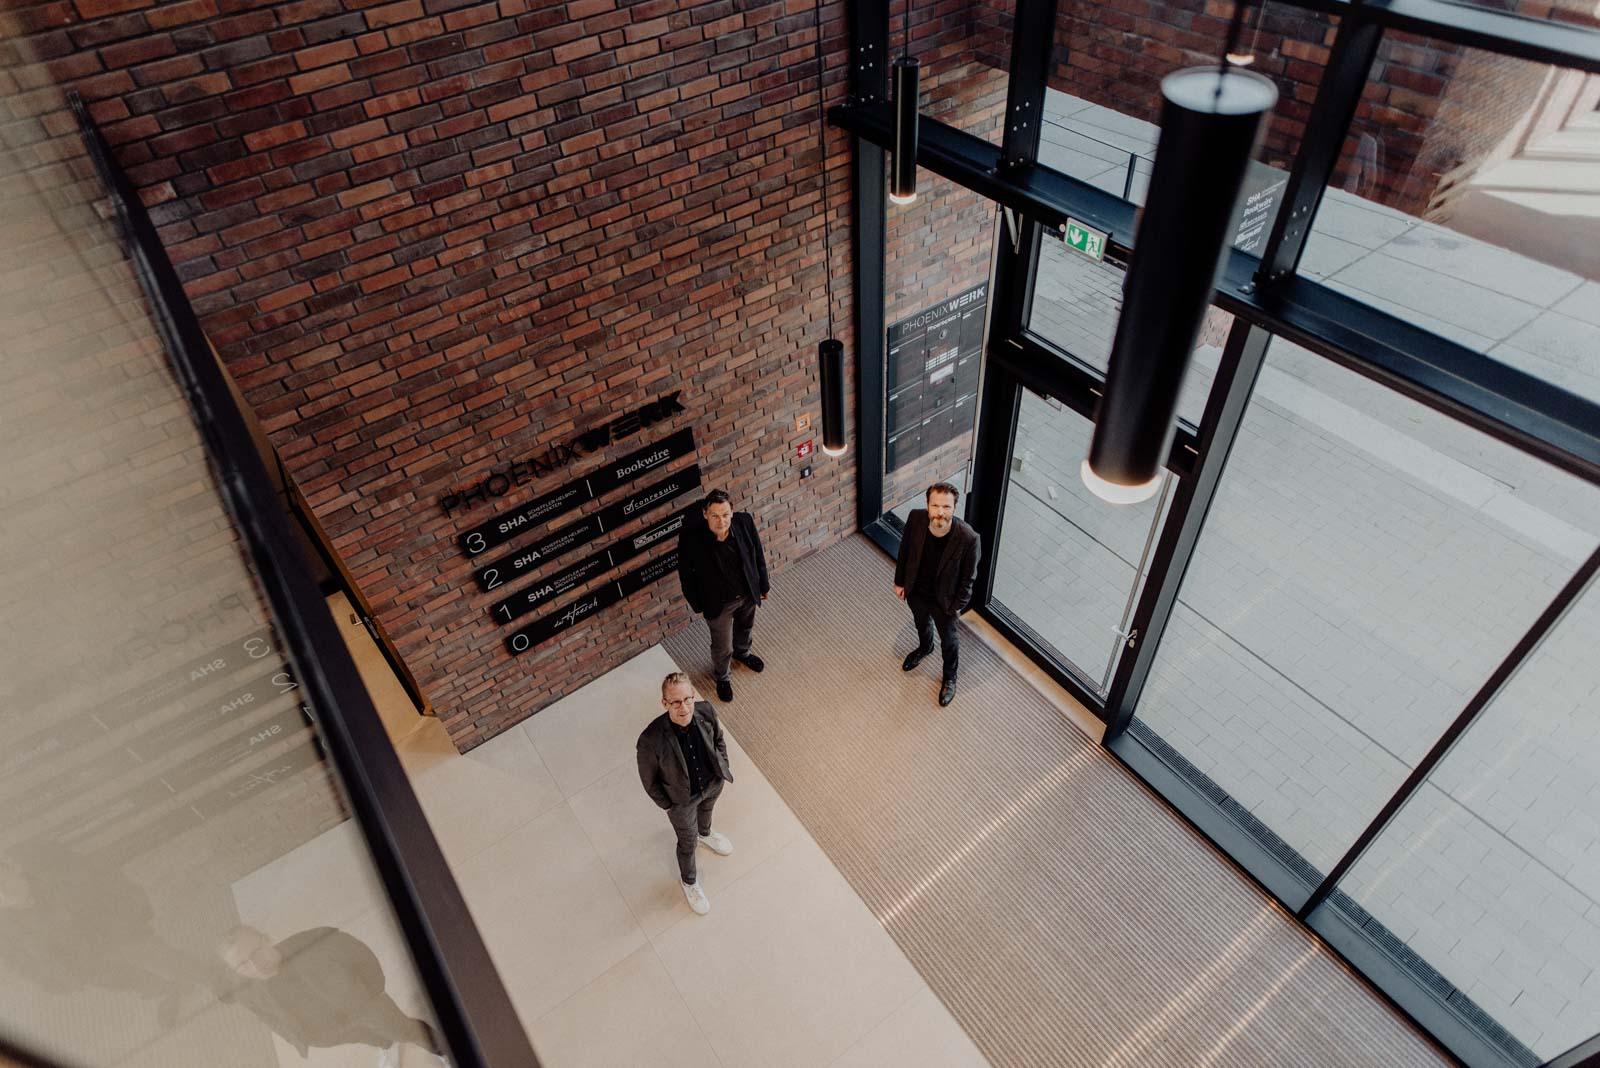 Gruppenportrait mit Abstand der Prokuristen SHA Architekten Dortmund